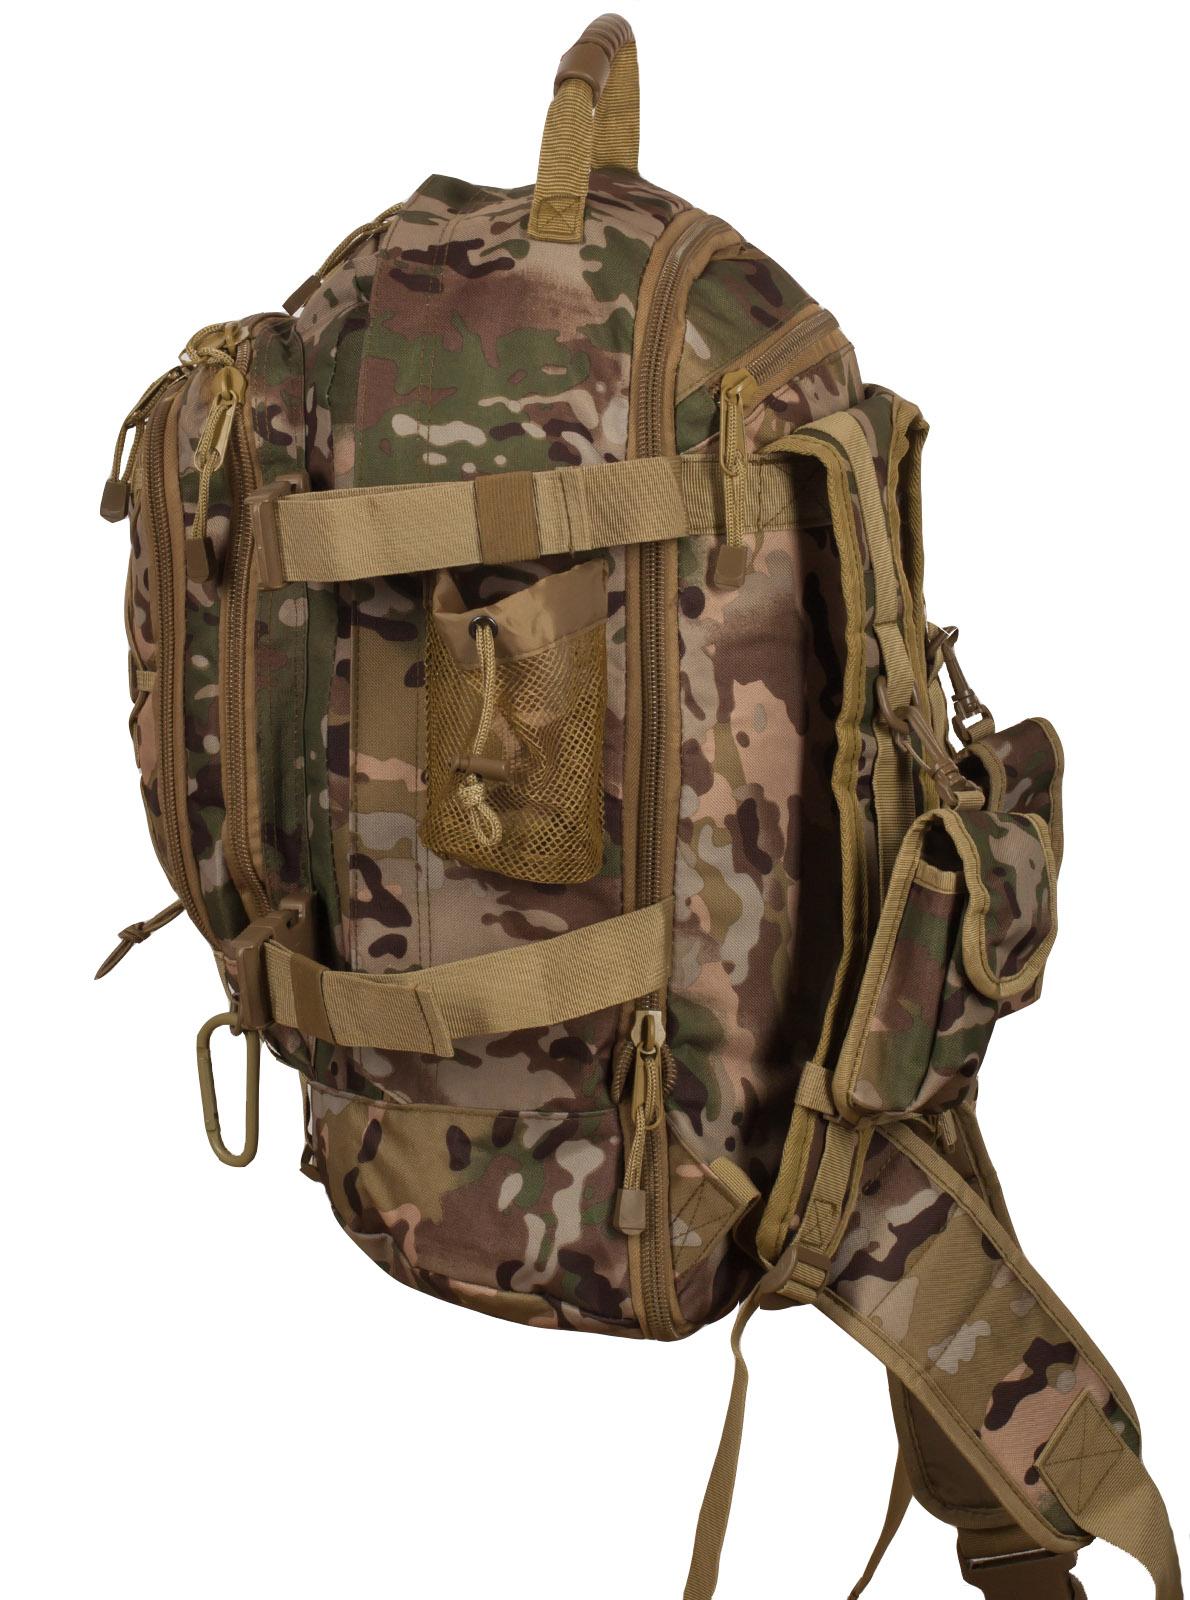 Камуфляжный трехдневный рюкзак ДПС - заказать онлайн